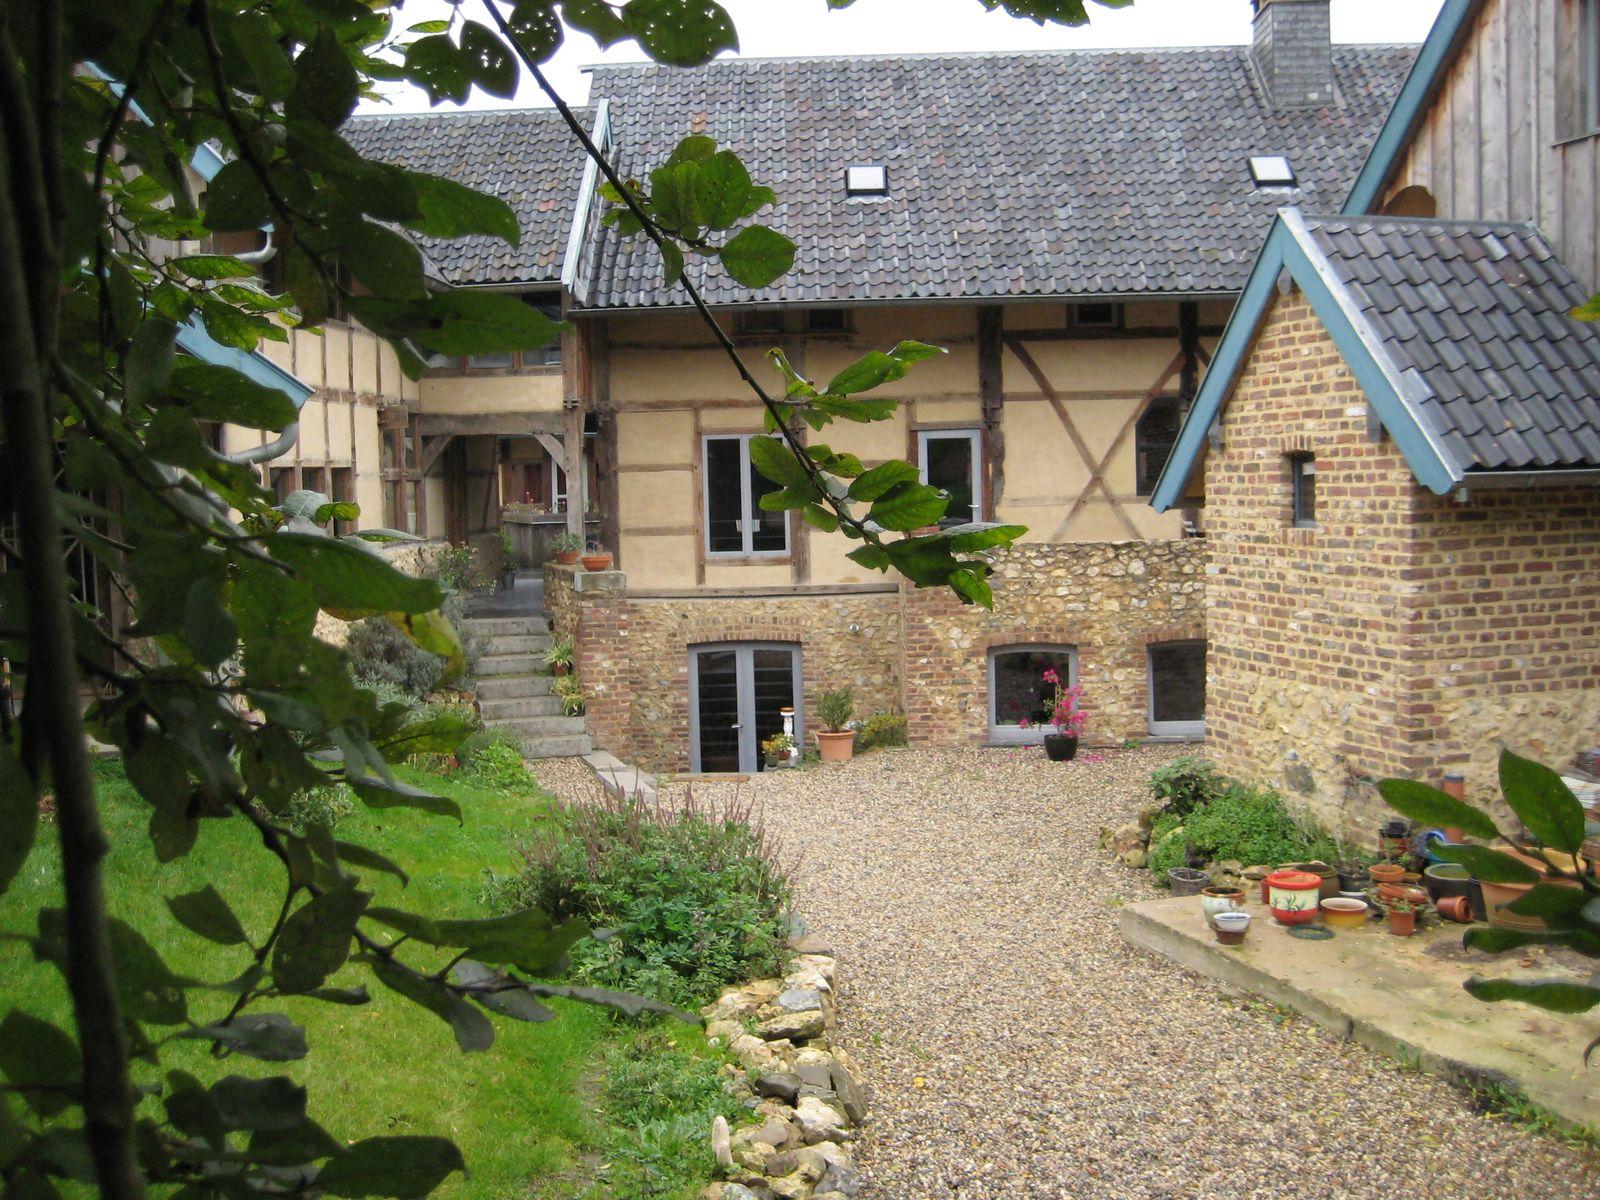 Afbeelding van Vakwerkhuis Wentelhuis - op vakantie in België